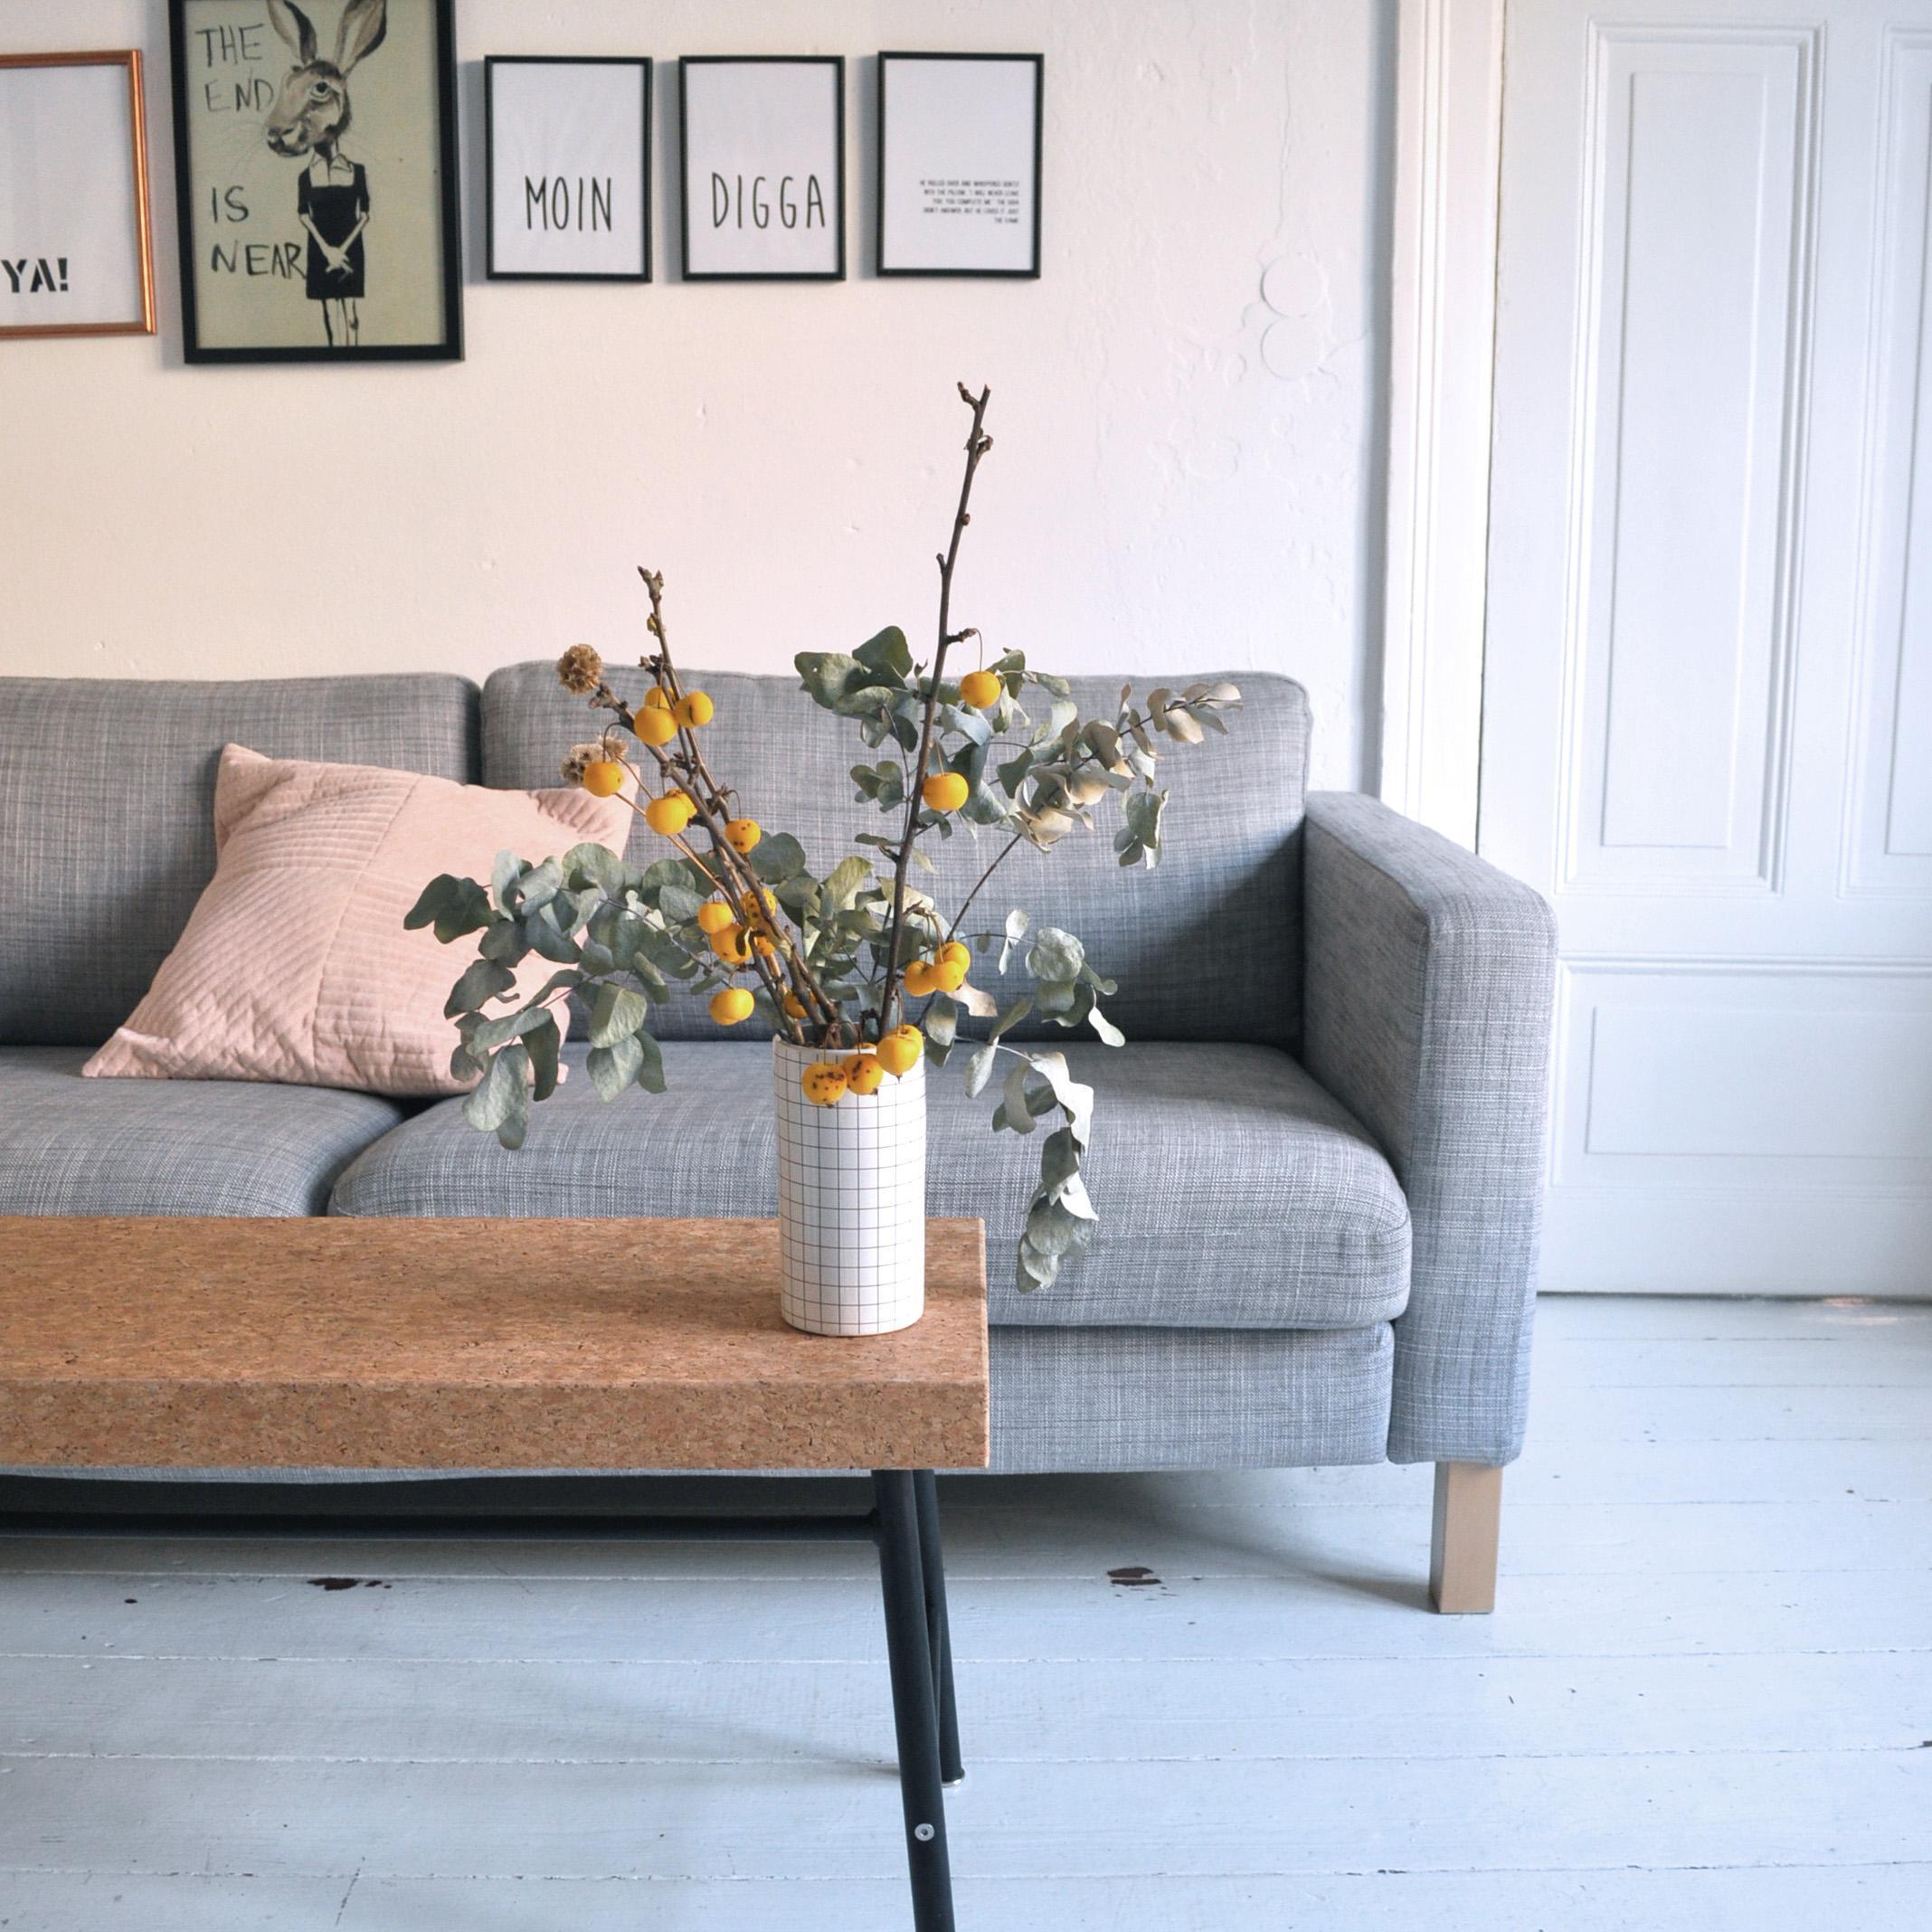 Blickfang Couchtisch Scandi Das Beste Von Wohnzimmer Couch Scandistyle Bank Livingroom 41db3901 B89a